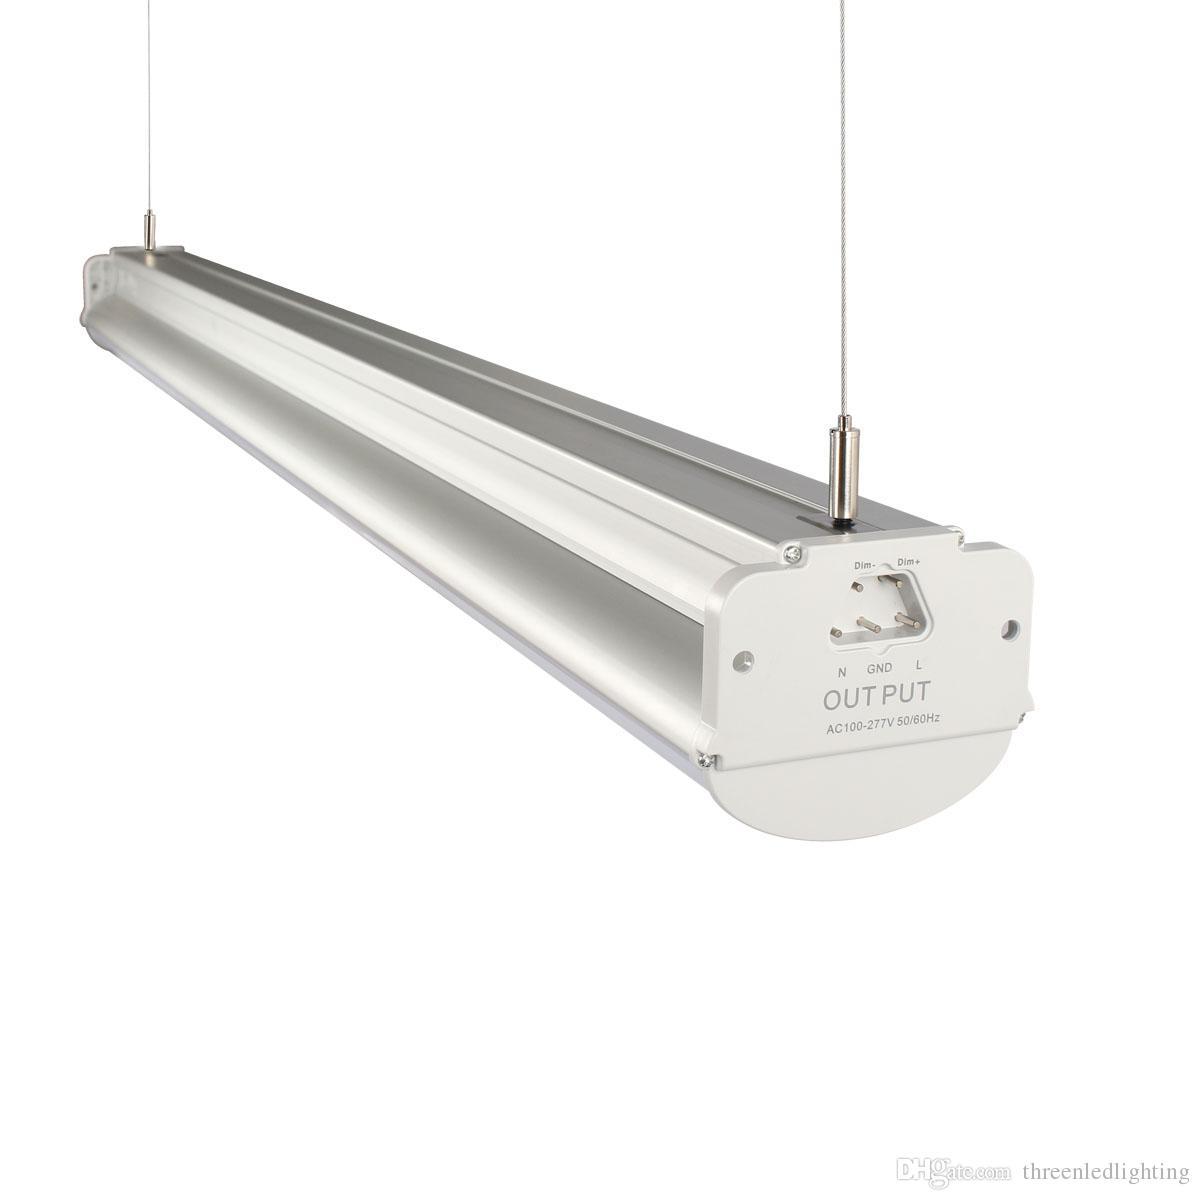 4ft Led Shop Light >> Innoboom 4ft Led Shop Light Led Tube Light Ce Rohs Pse Etl Dlc Led Workshop Light 2pcs Carton